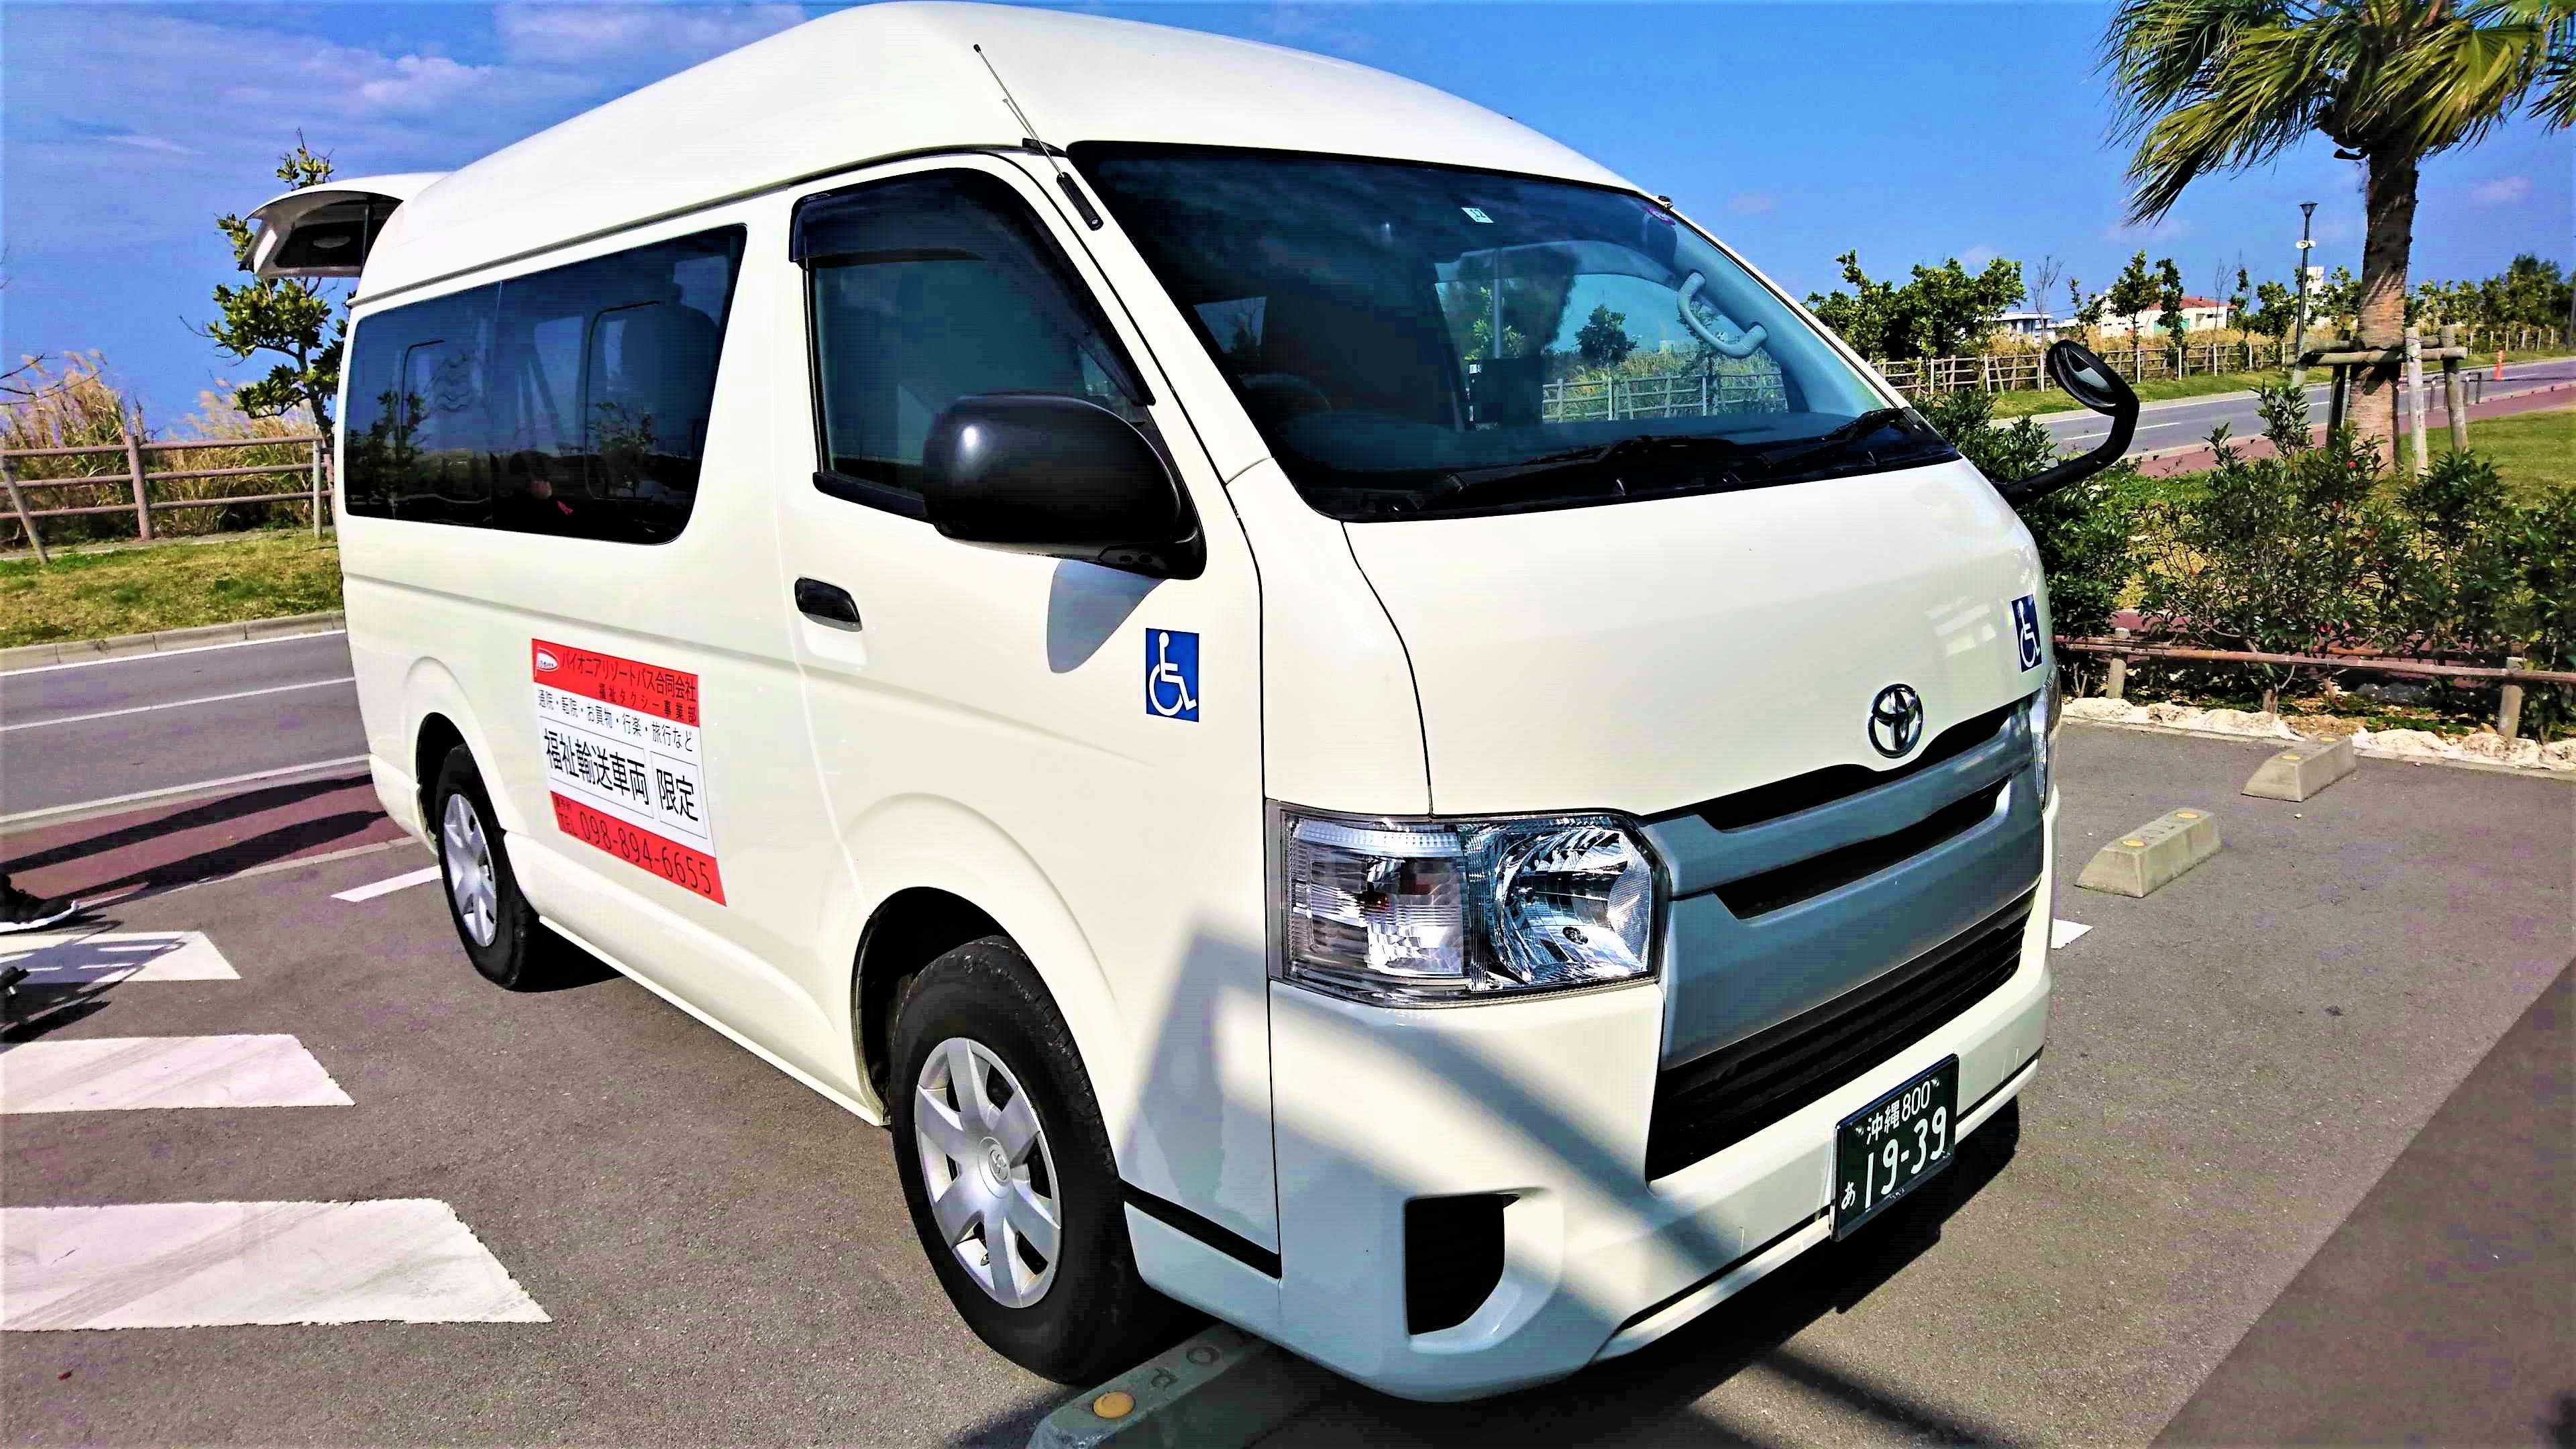 【日本】沖繩福祉/無障礙小巴 一日包車(含司機)